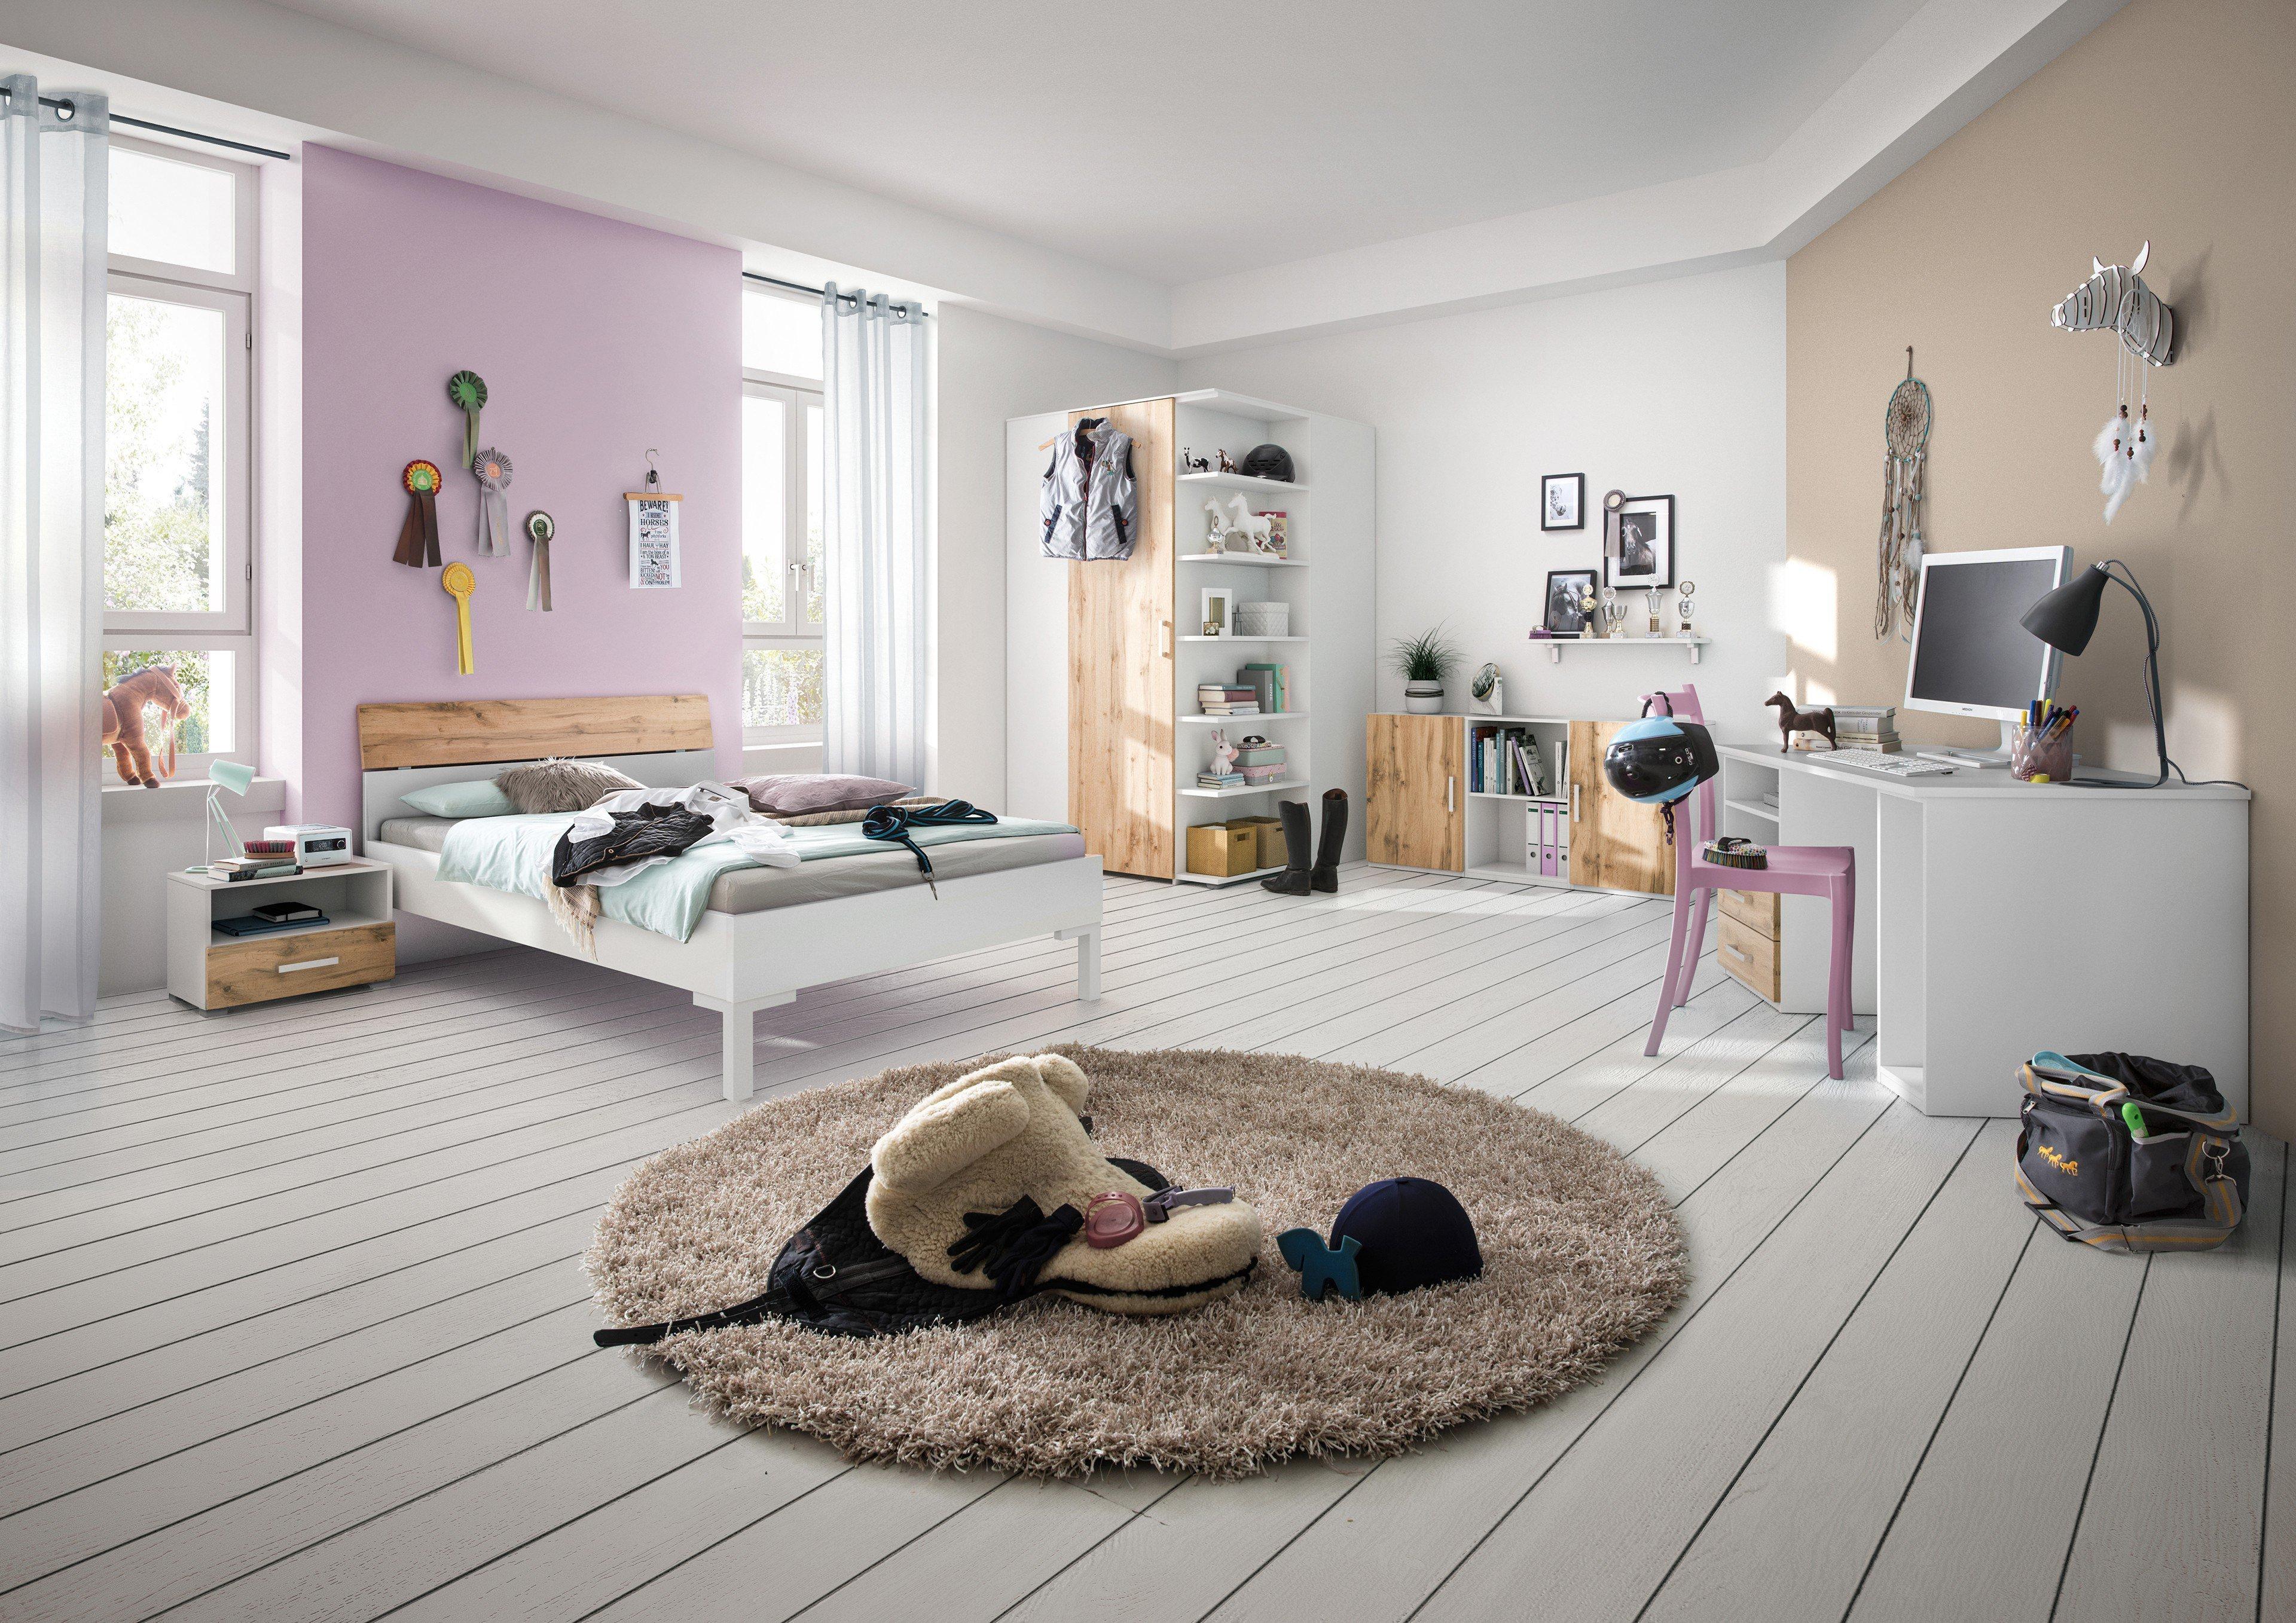 Röhr Jugendzimmer cadre mit Eck-Kleiderschrank | Möbel Letz - Ihr ...